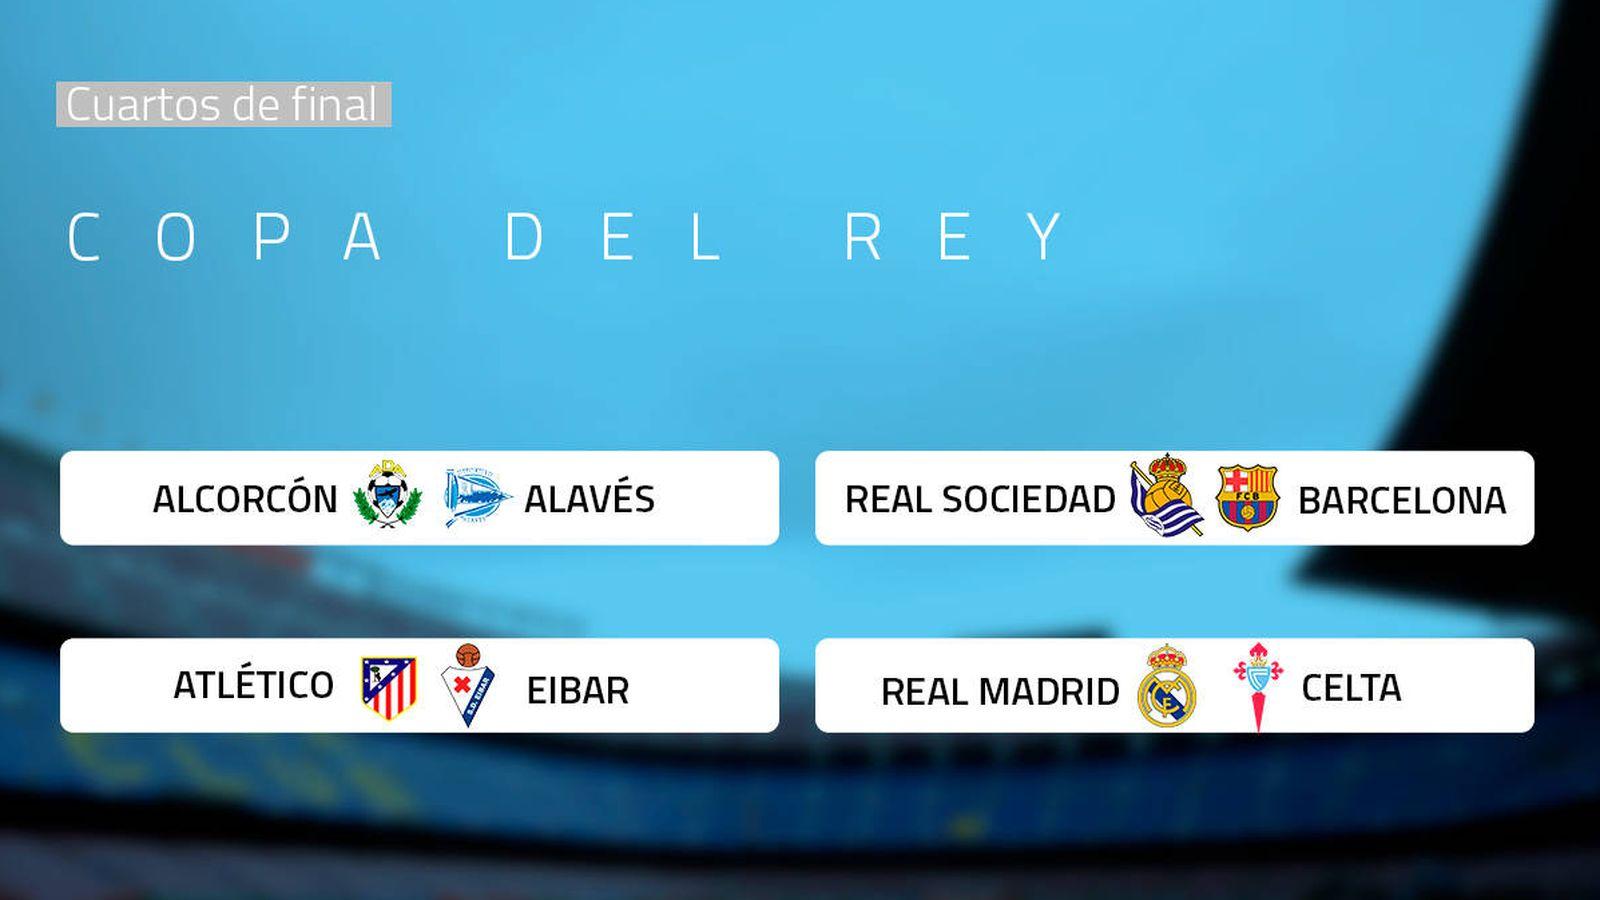 Copa del Rey: Real Madrid-Celta, Real Sociedad-Barça y Atlético ...